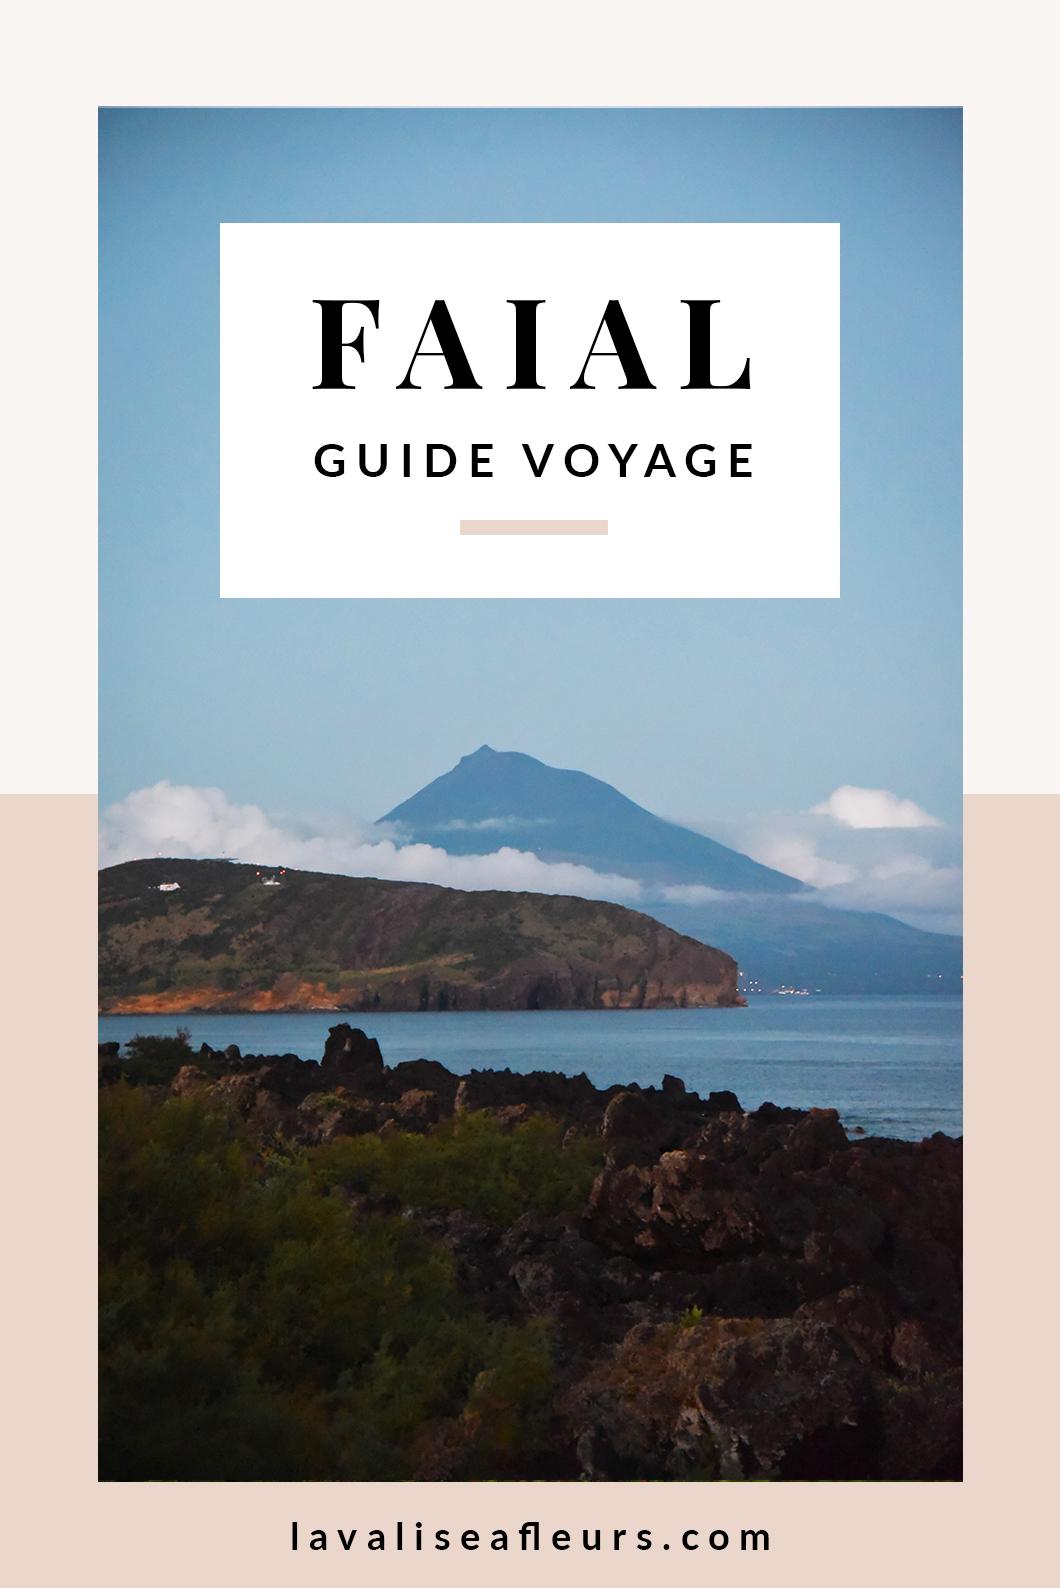 Guide voyage de Faial